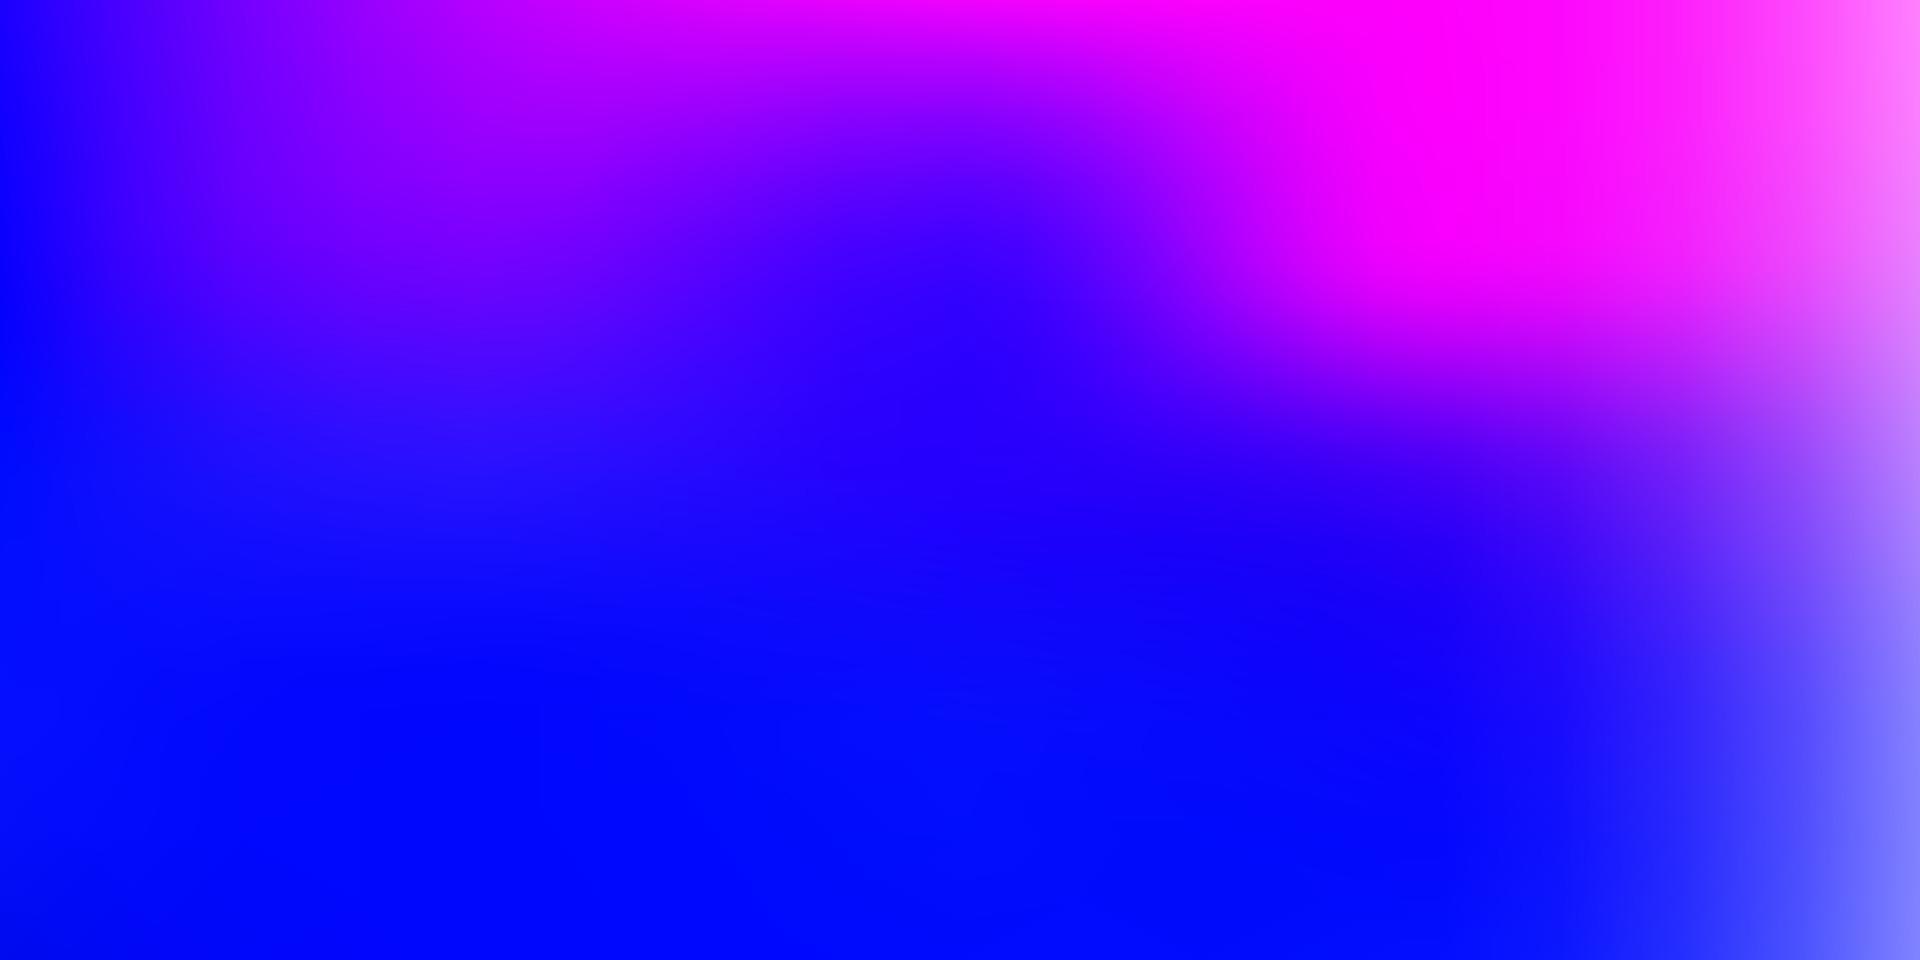 modello di sfocatura gradiente vettoriale rosa chiaro, blu.